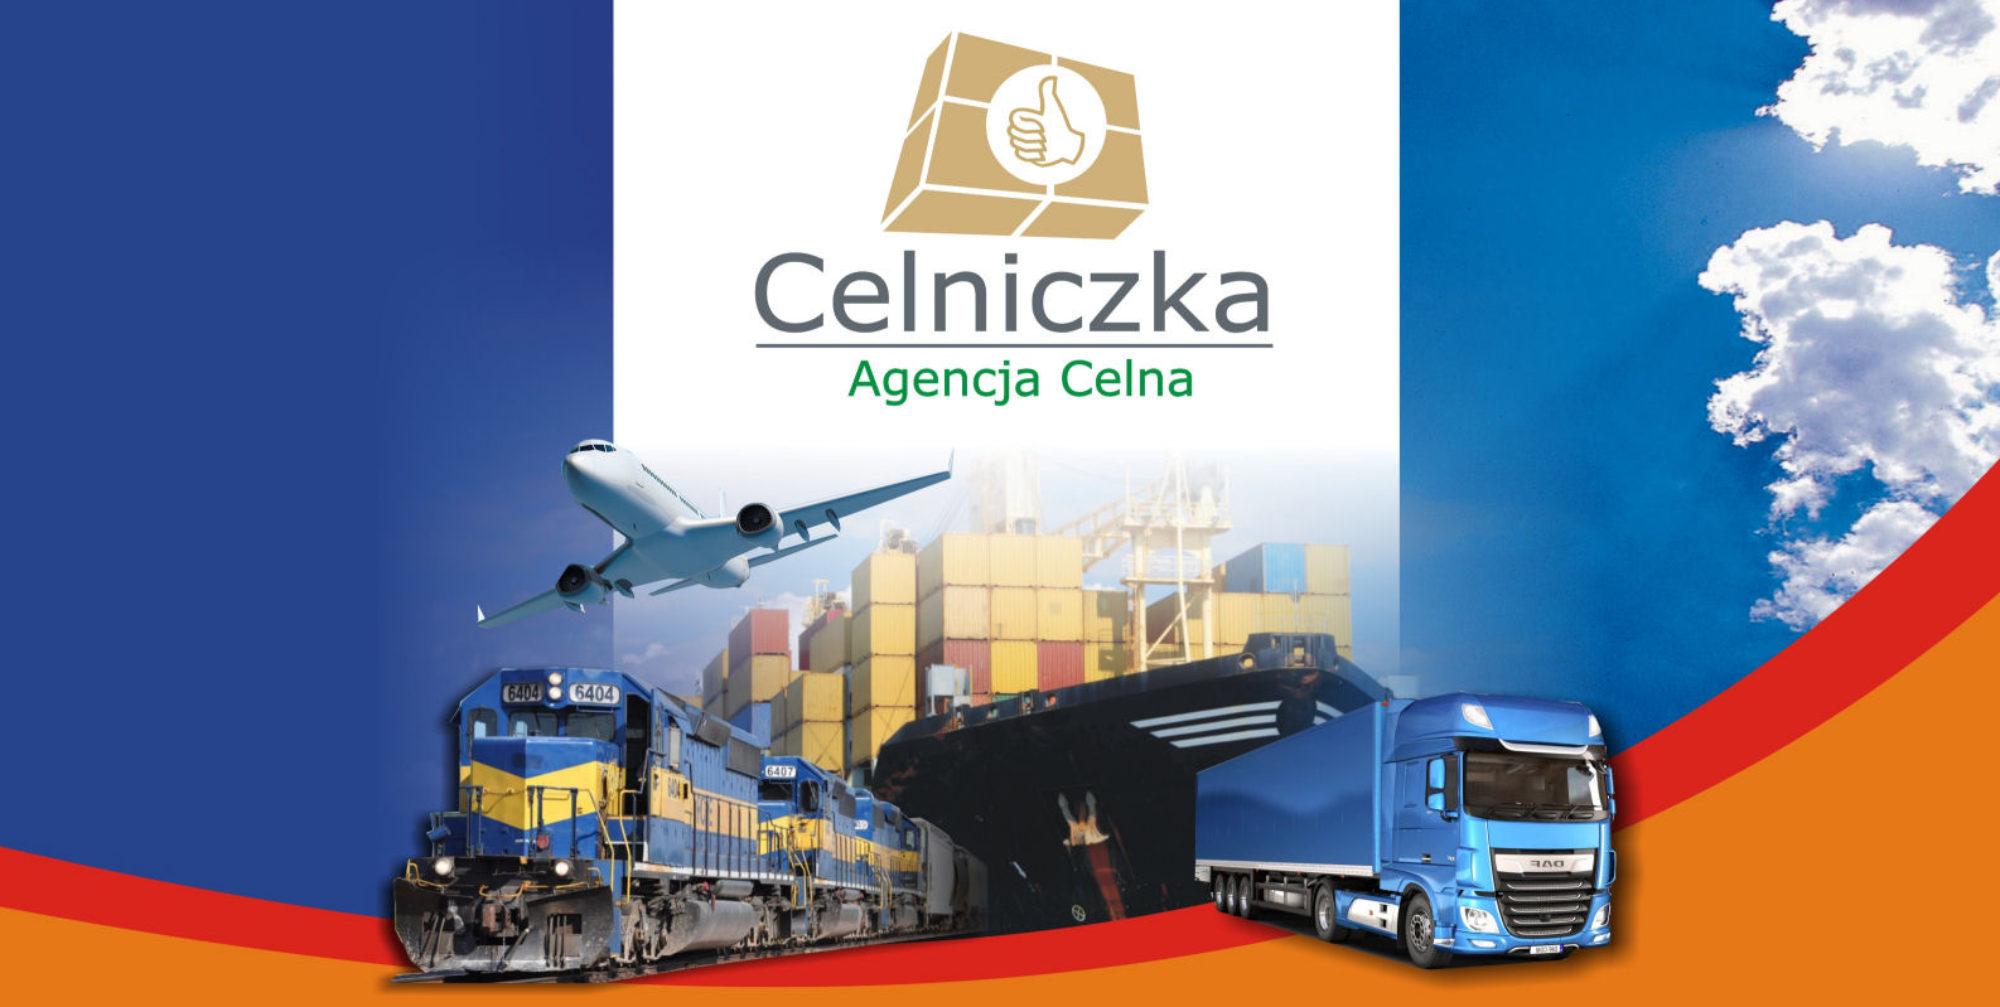 Celniczka.pl